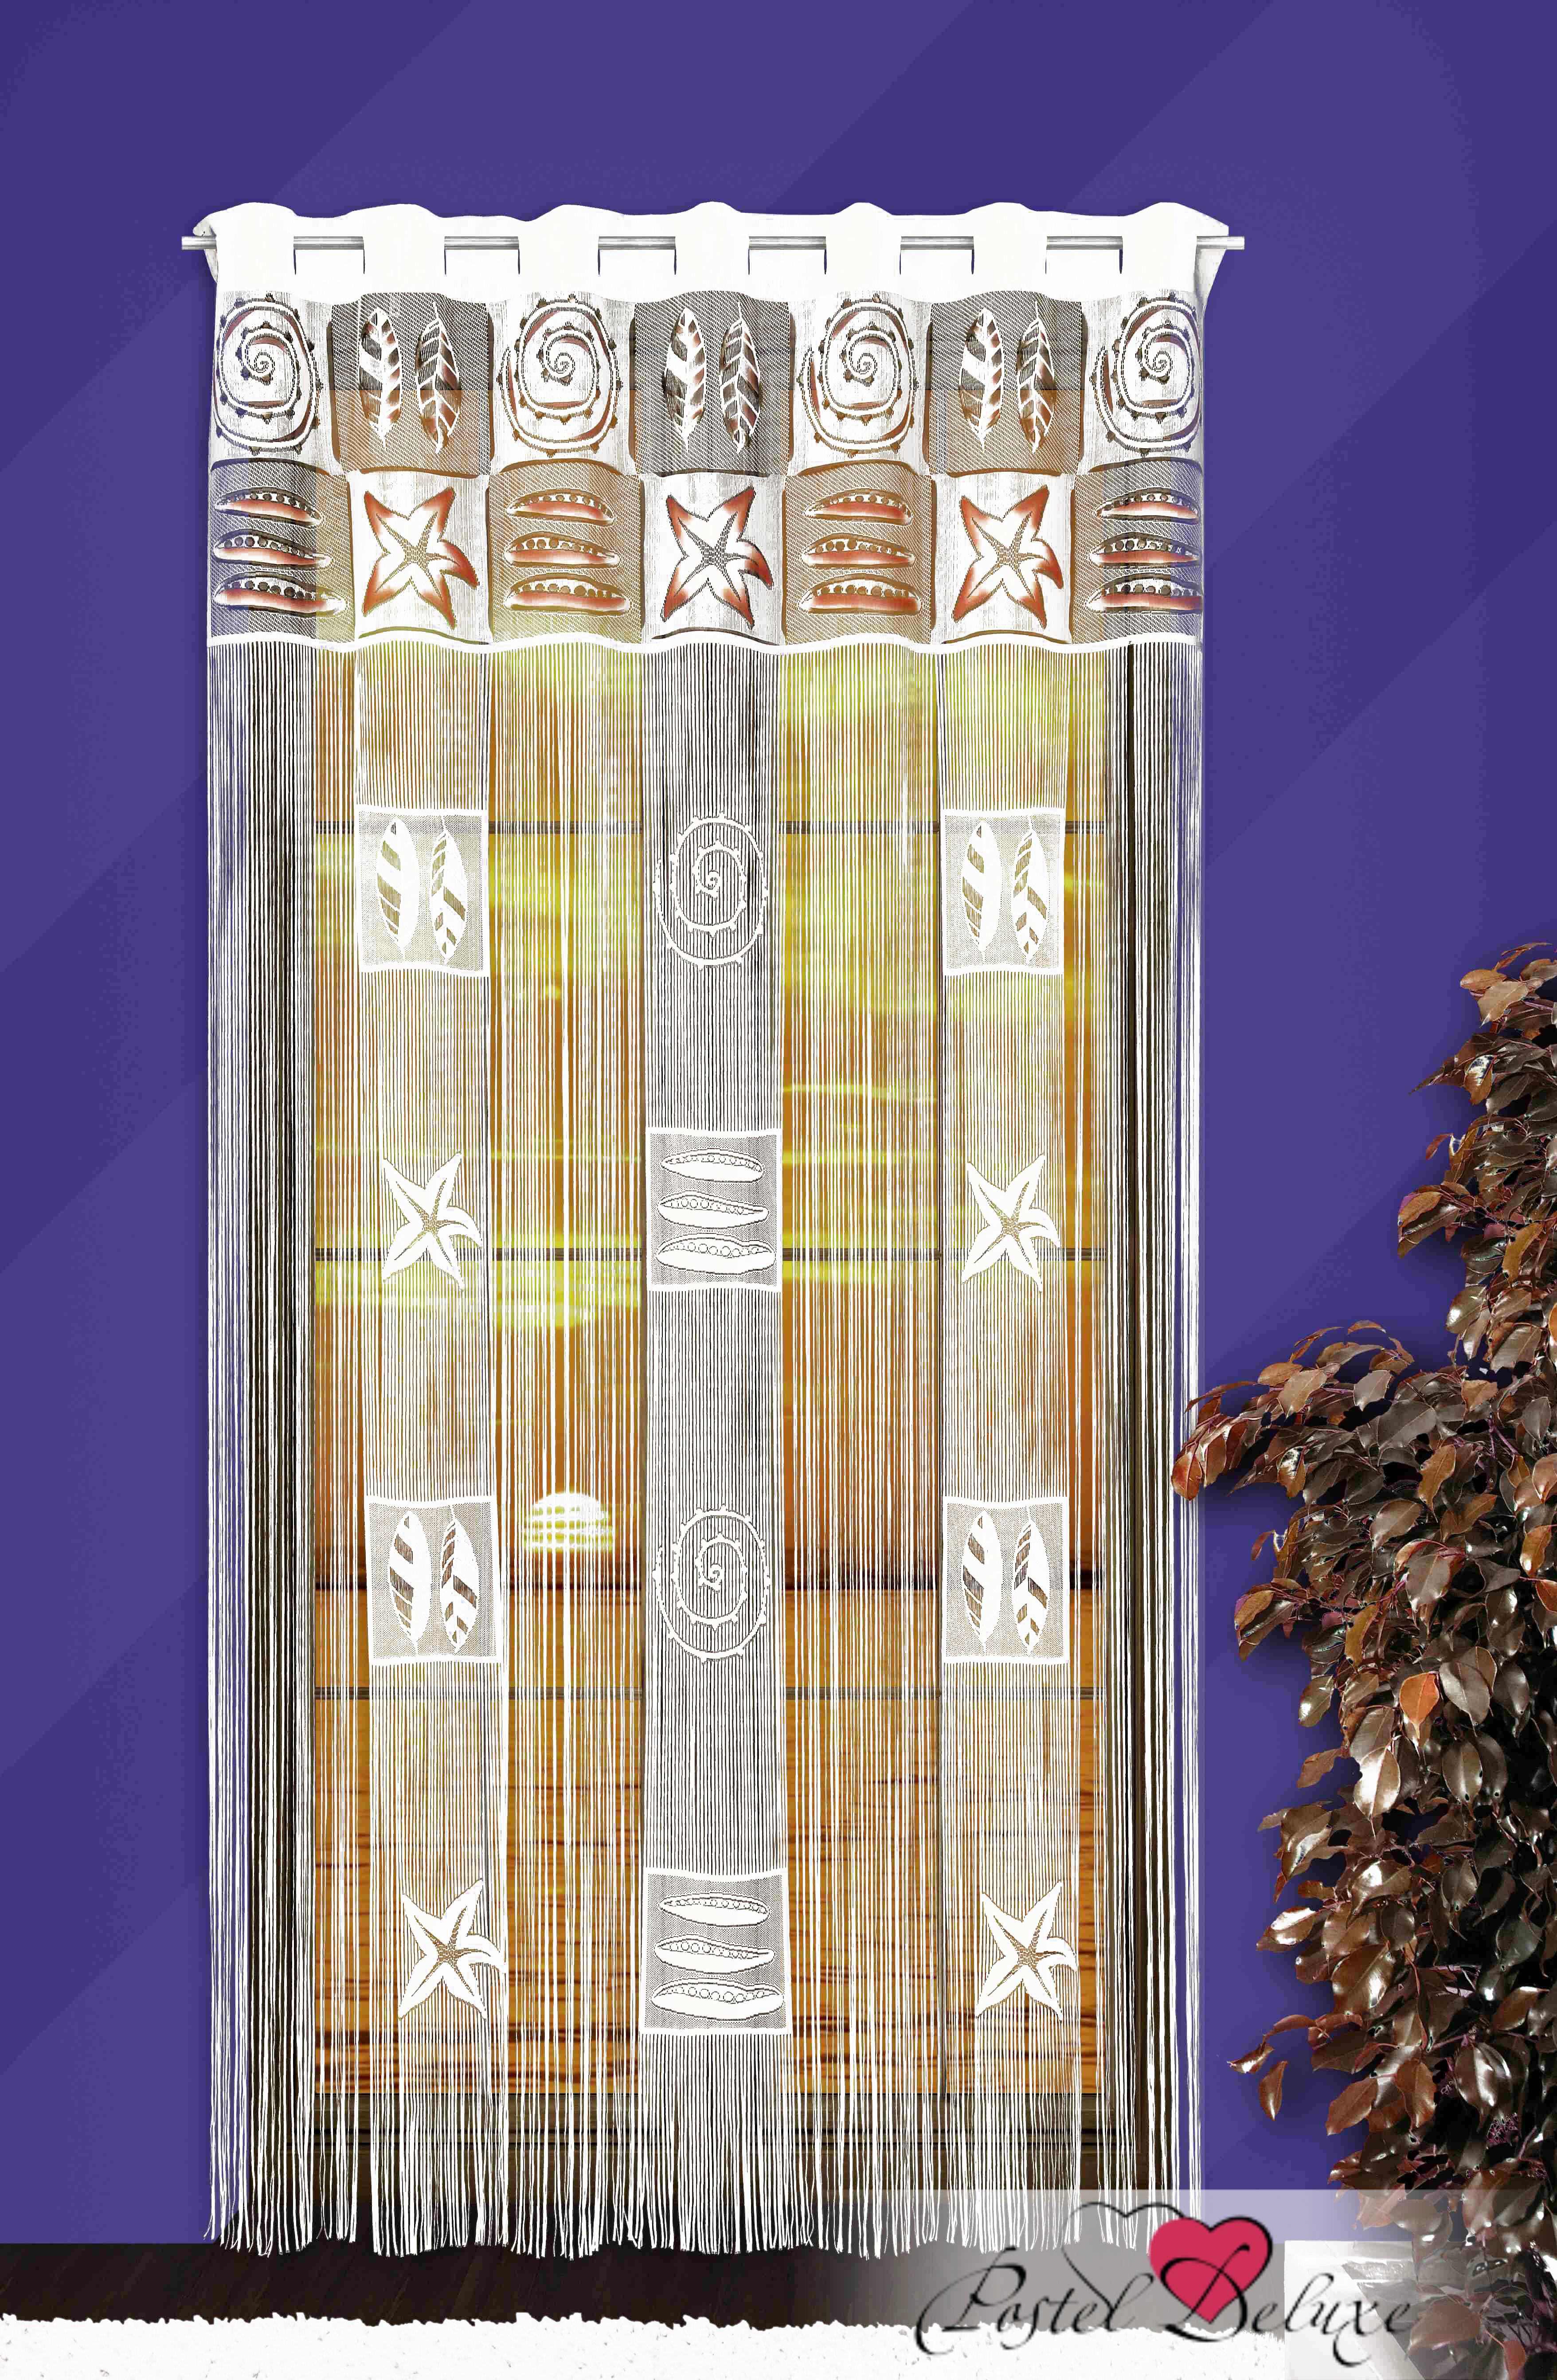 Шторы Wisan Нитяные шторы Цвет: Белый wisan wisan нитяные шторы lauraцвет белый